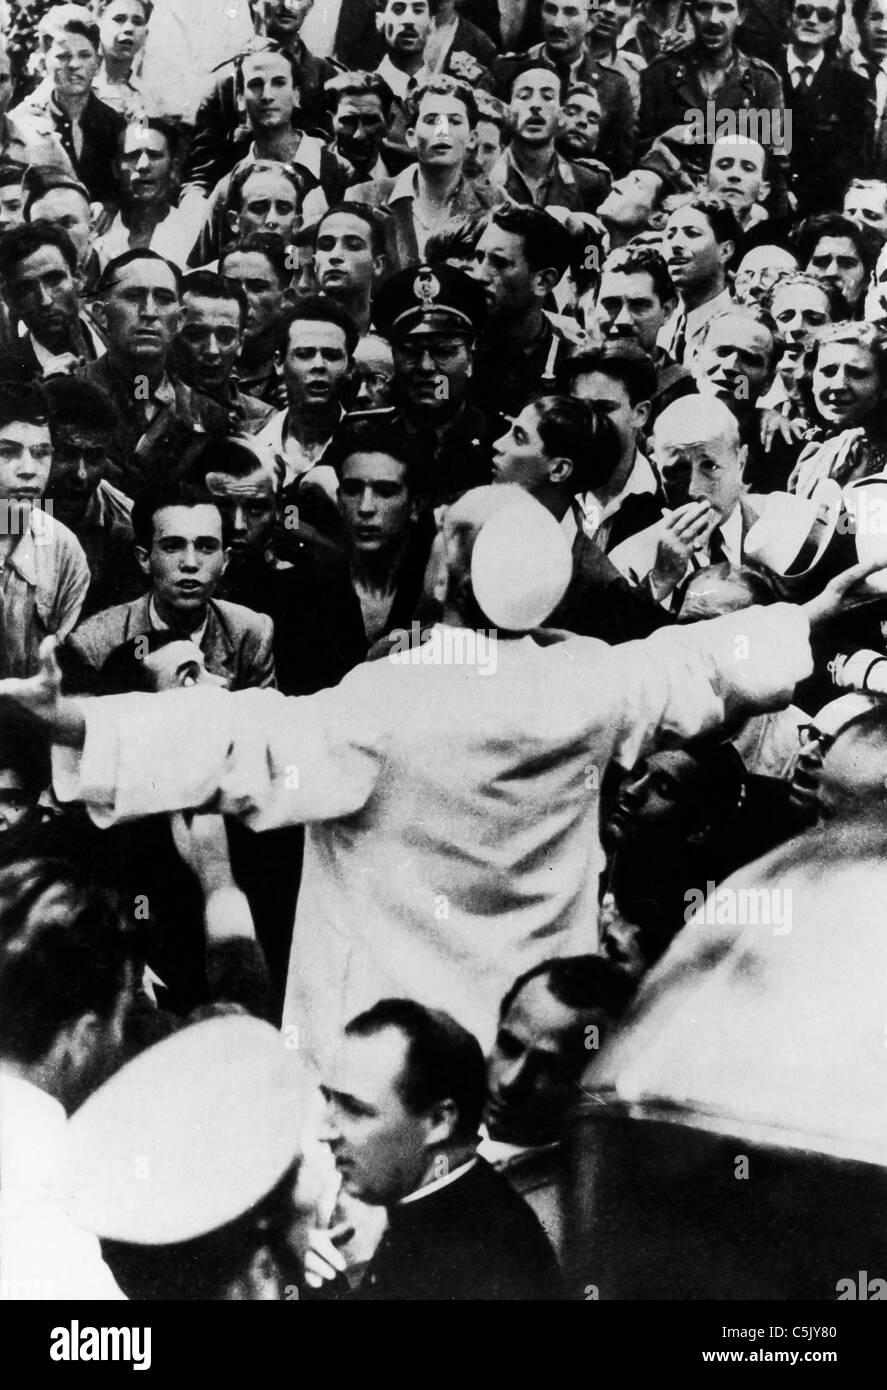 Pope Pius XII among the faithful,Rome,1956 - Stock Image